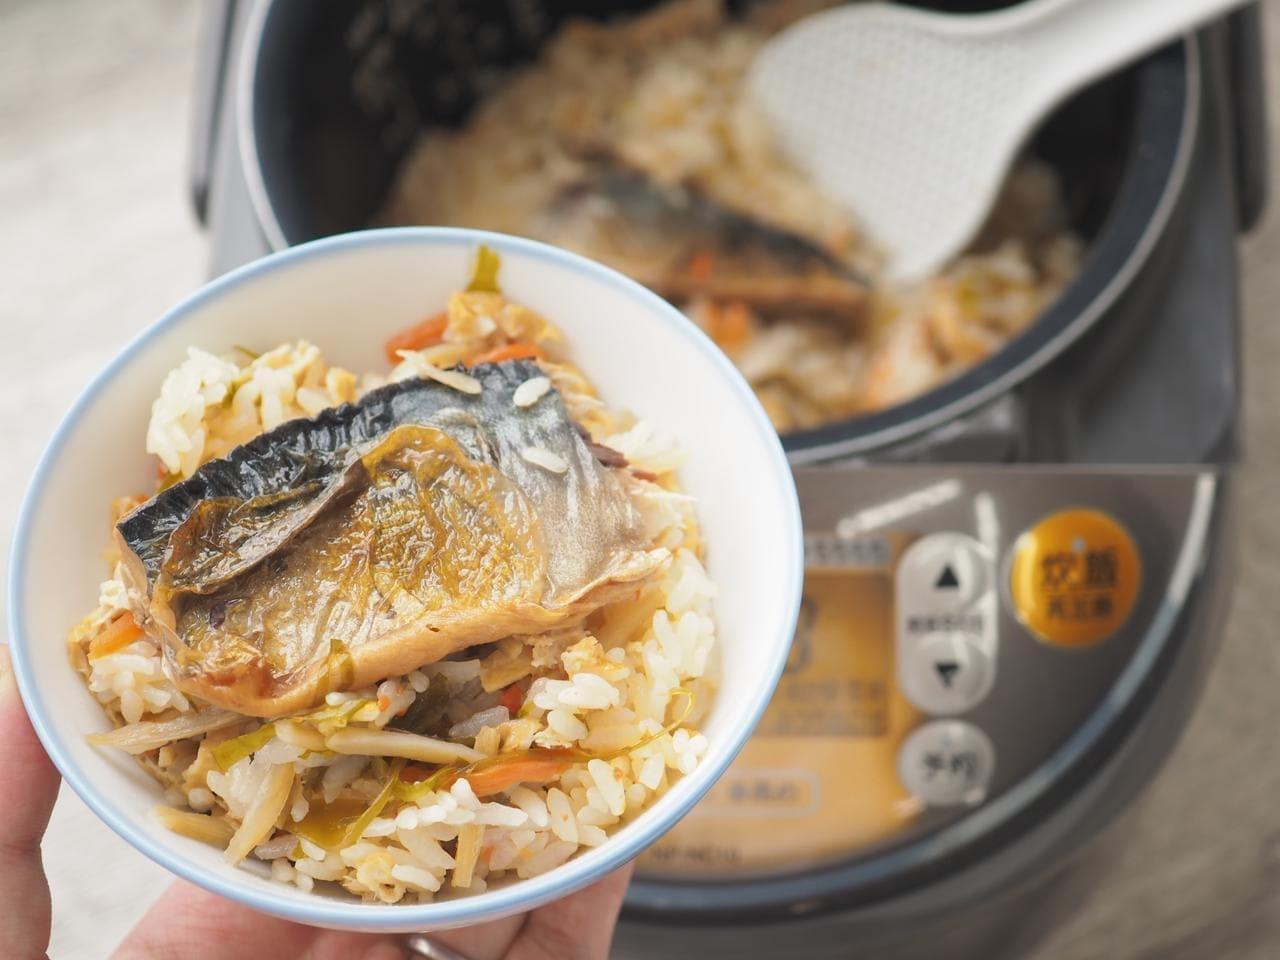 イトーヨーカドー「シェフズレシピ」の「炊き込みご飯の素(炙りさば)」で炊いたご飯